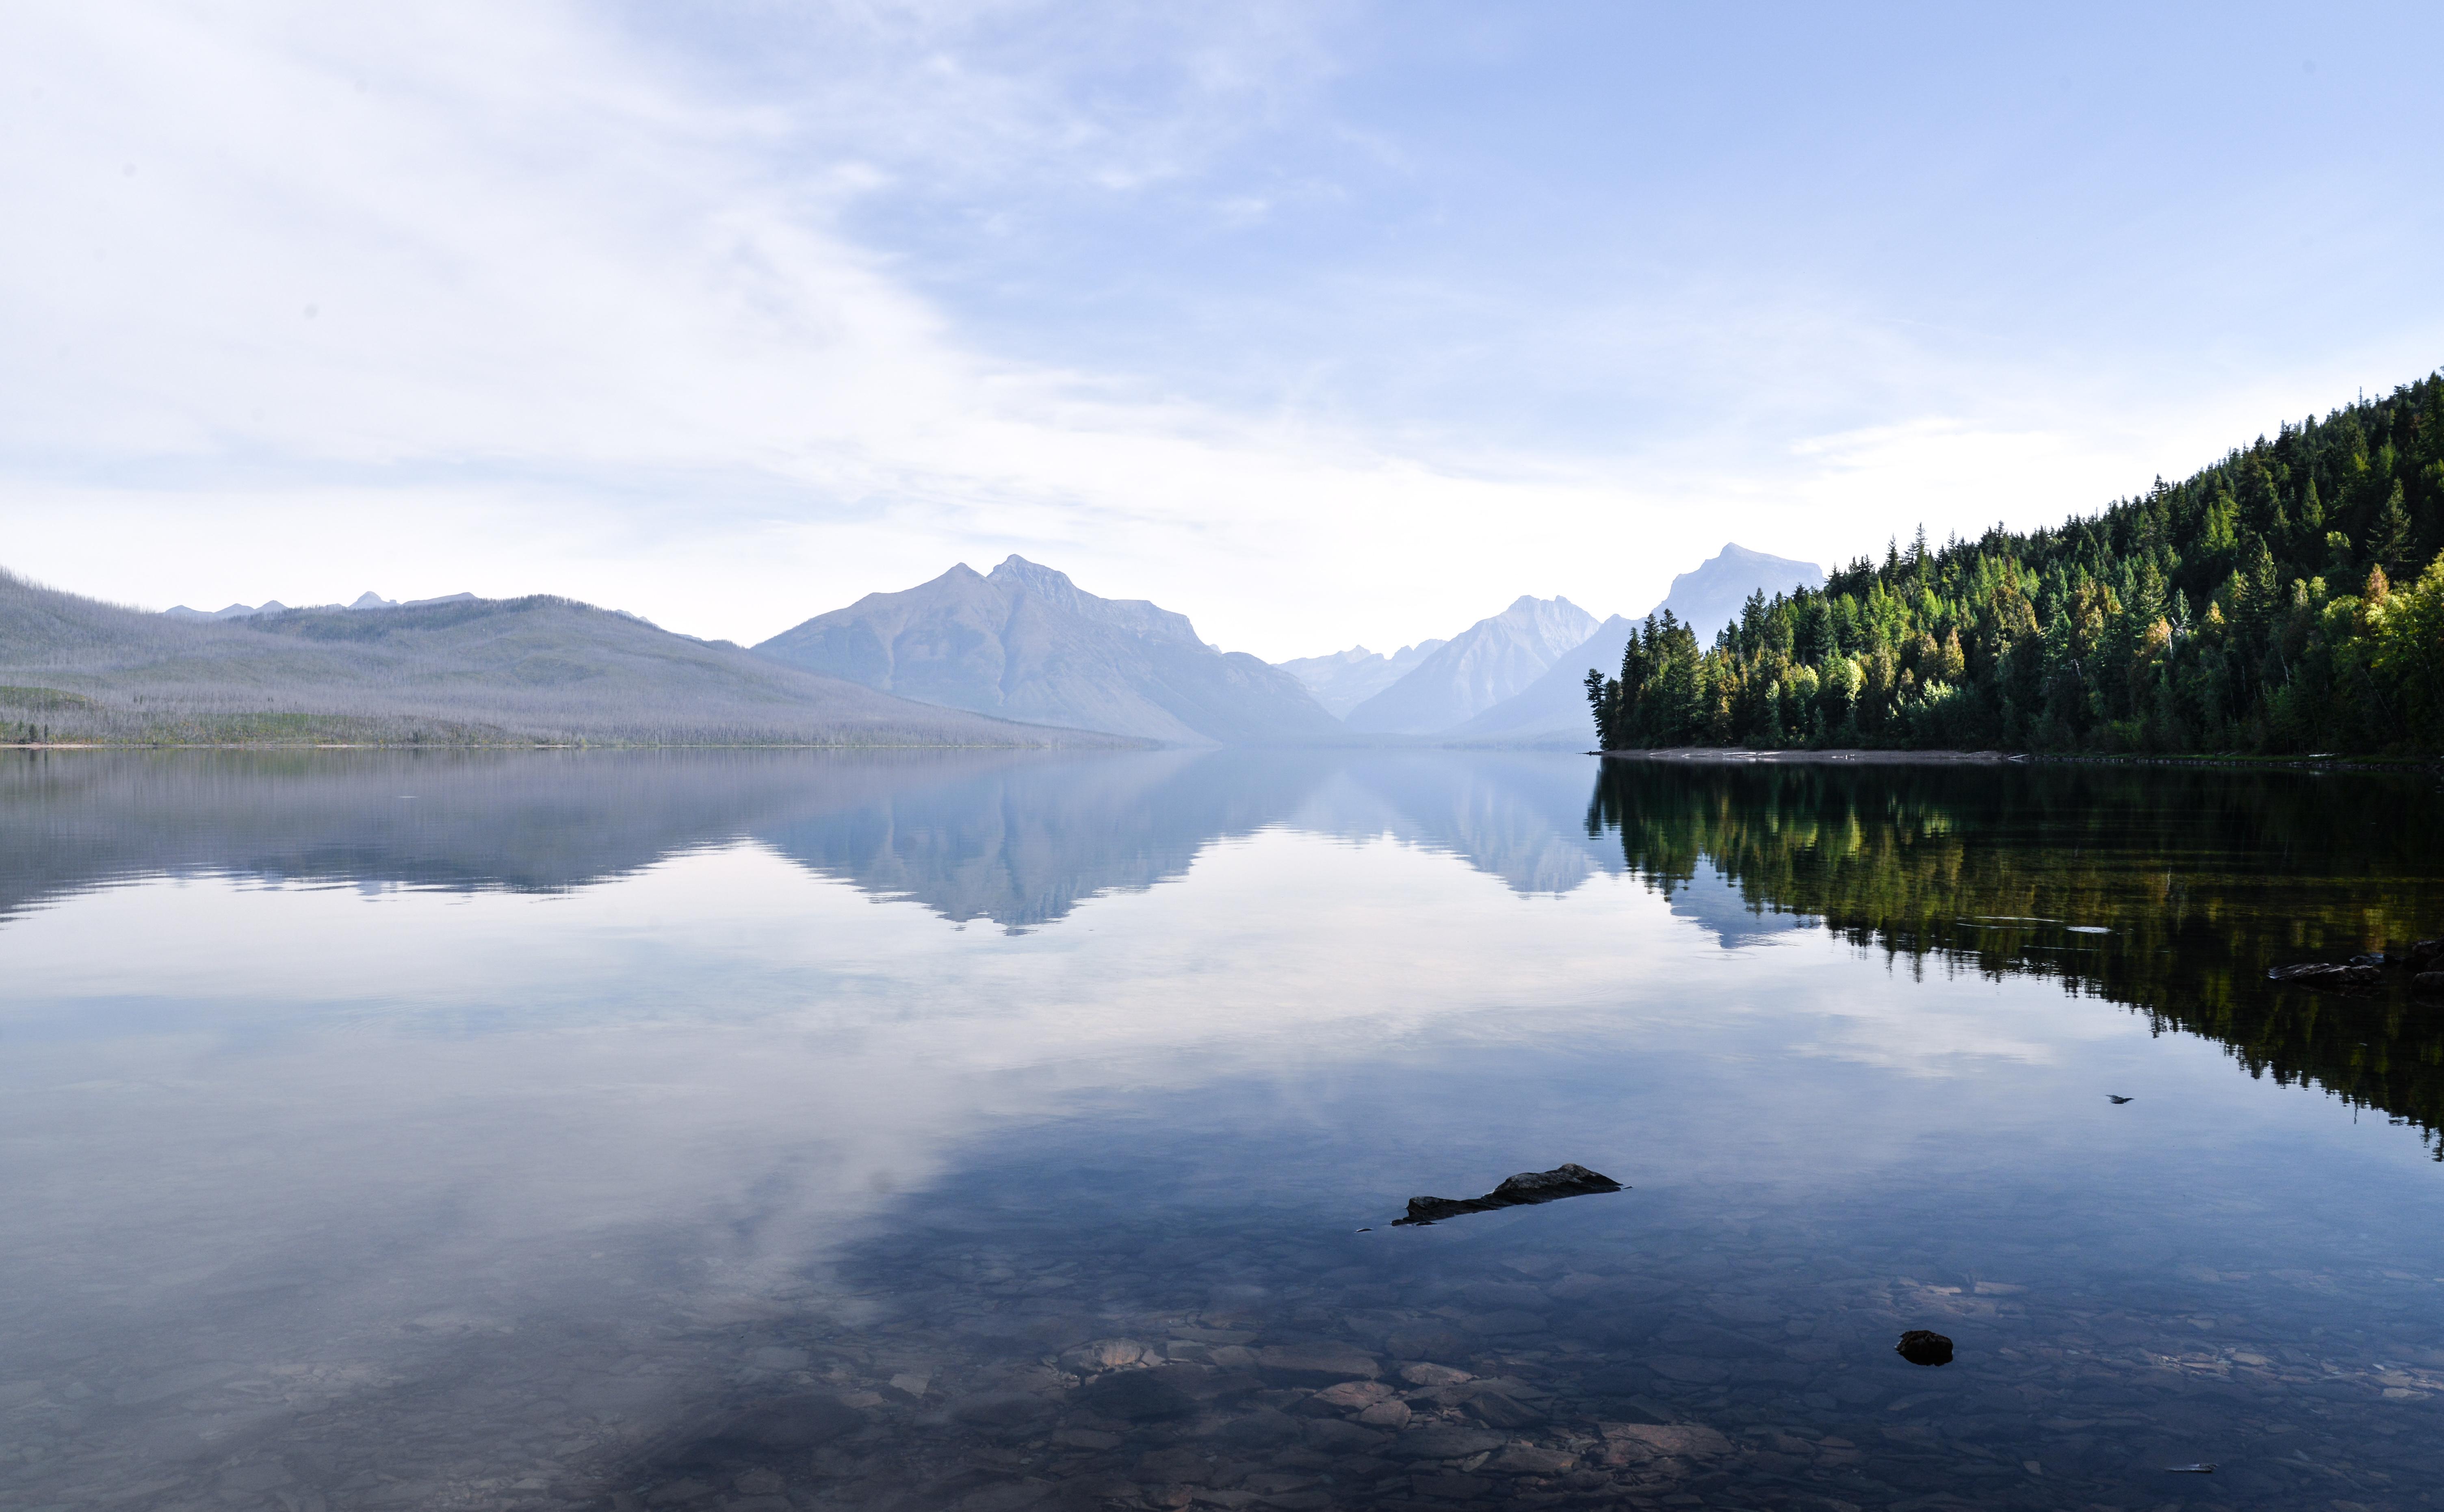 pacific northwest  votre prochain voyage aux etats-unis